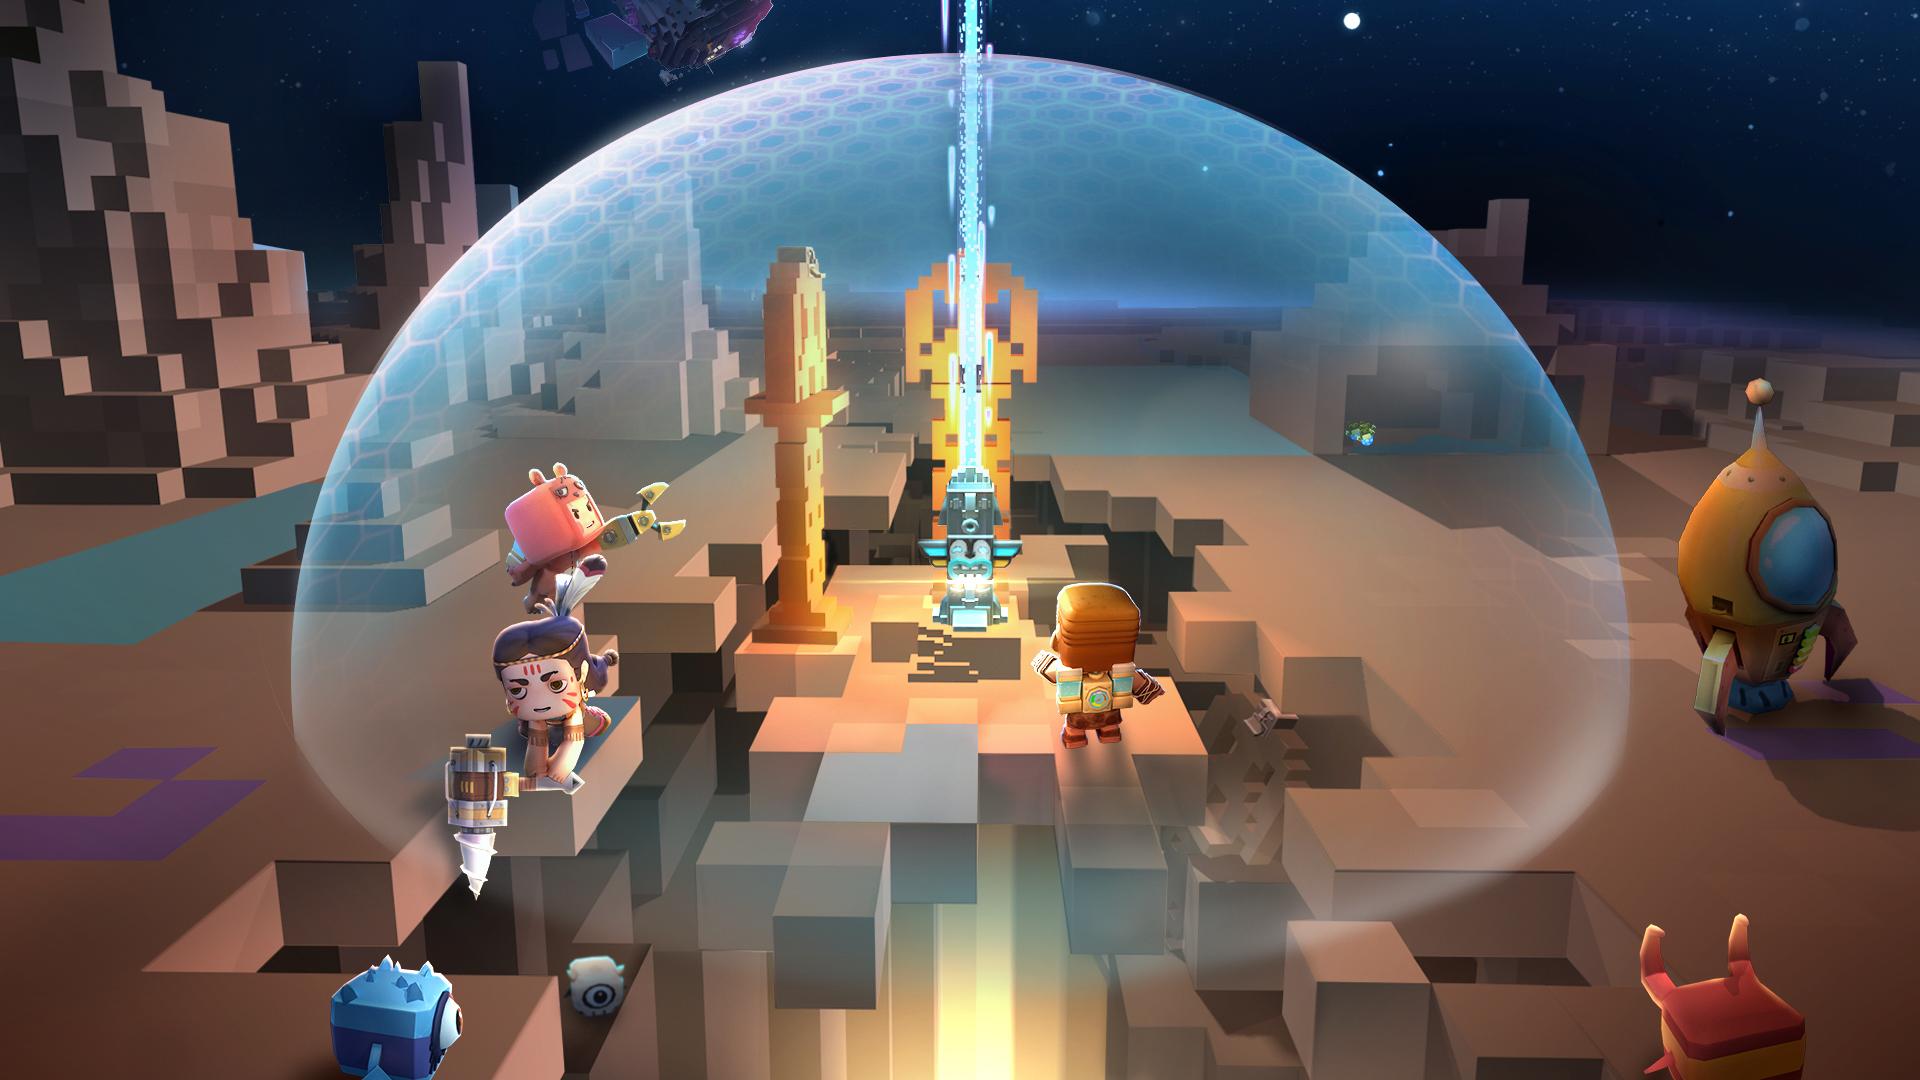 《迷你世界》小小宇航员,向新星球!起航!